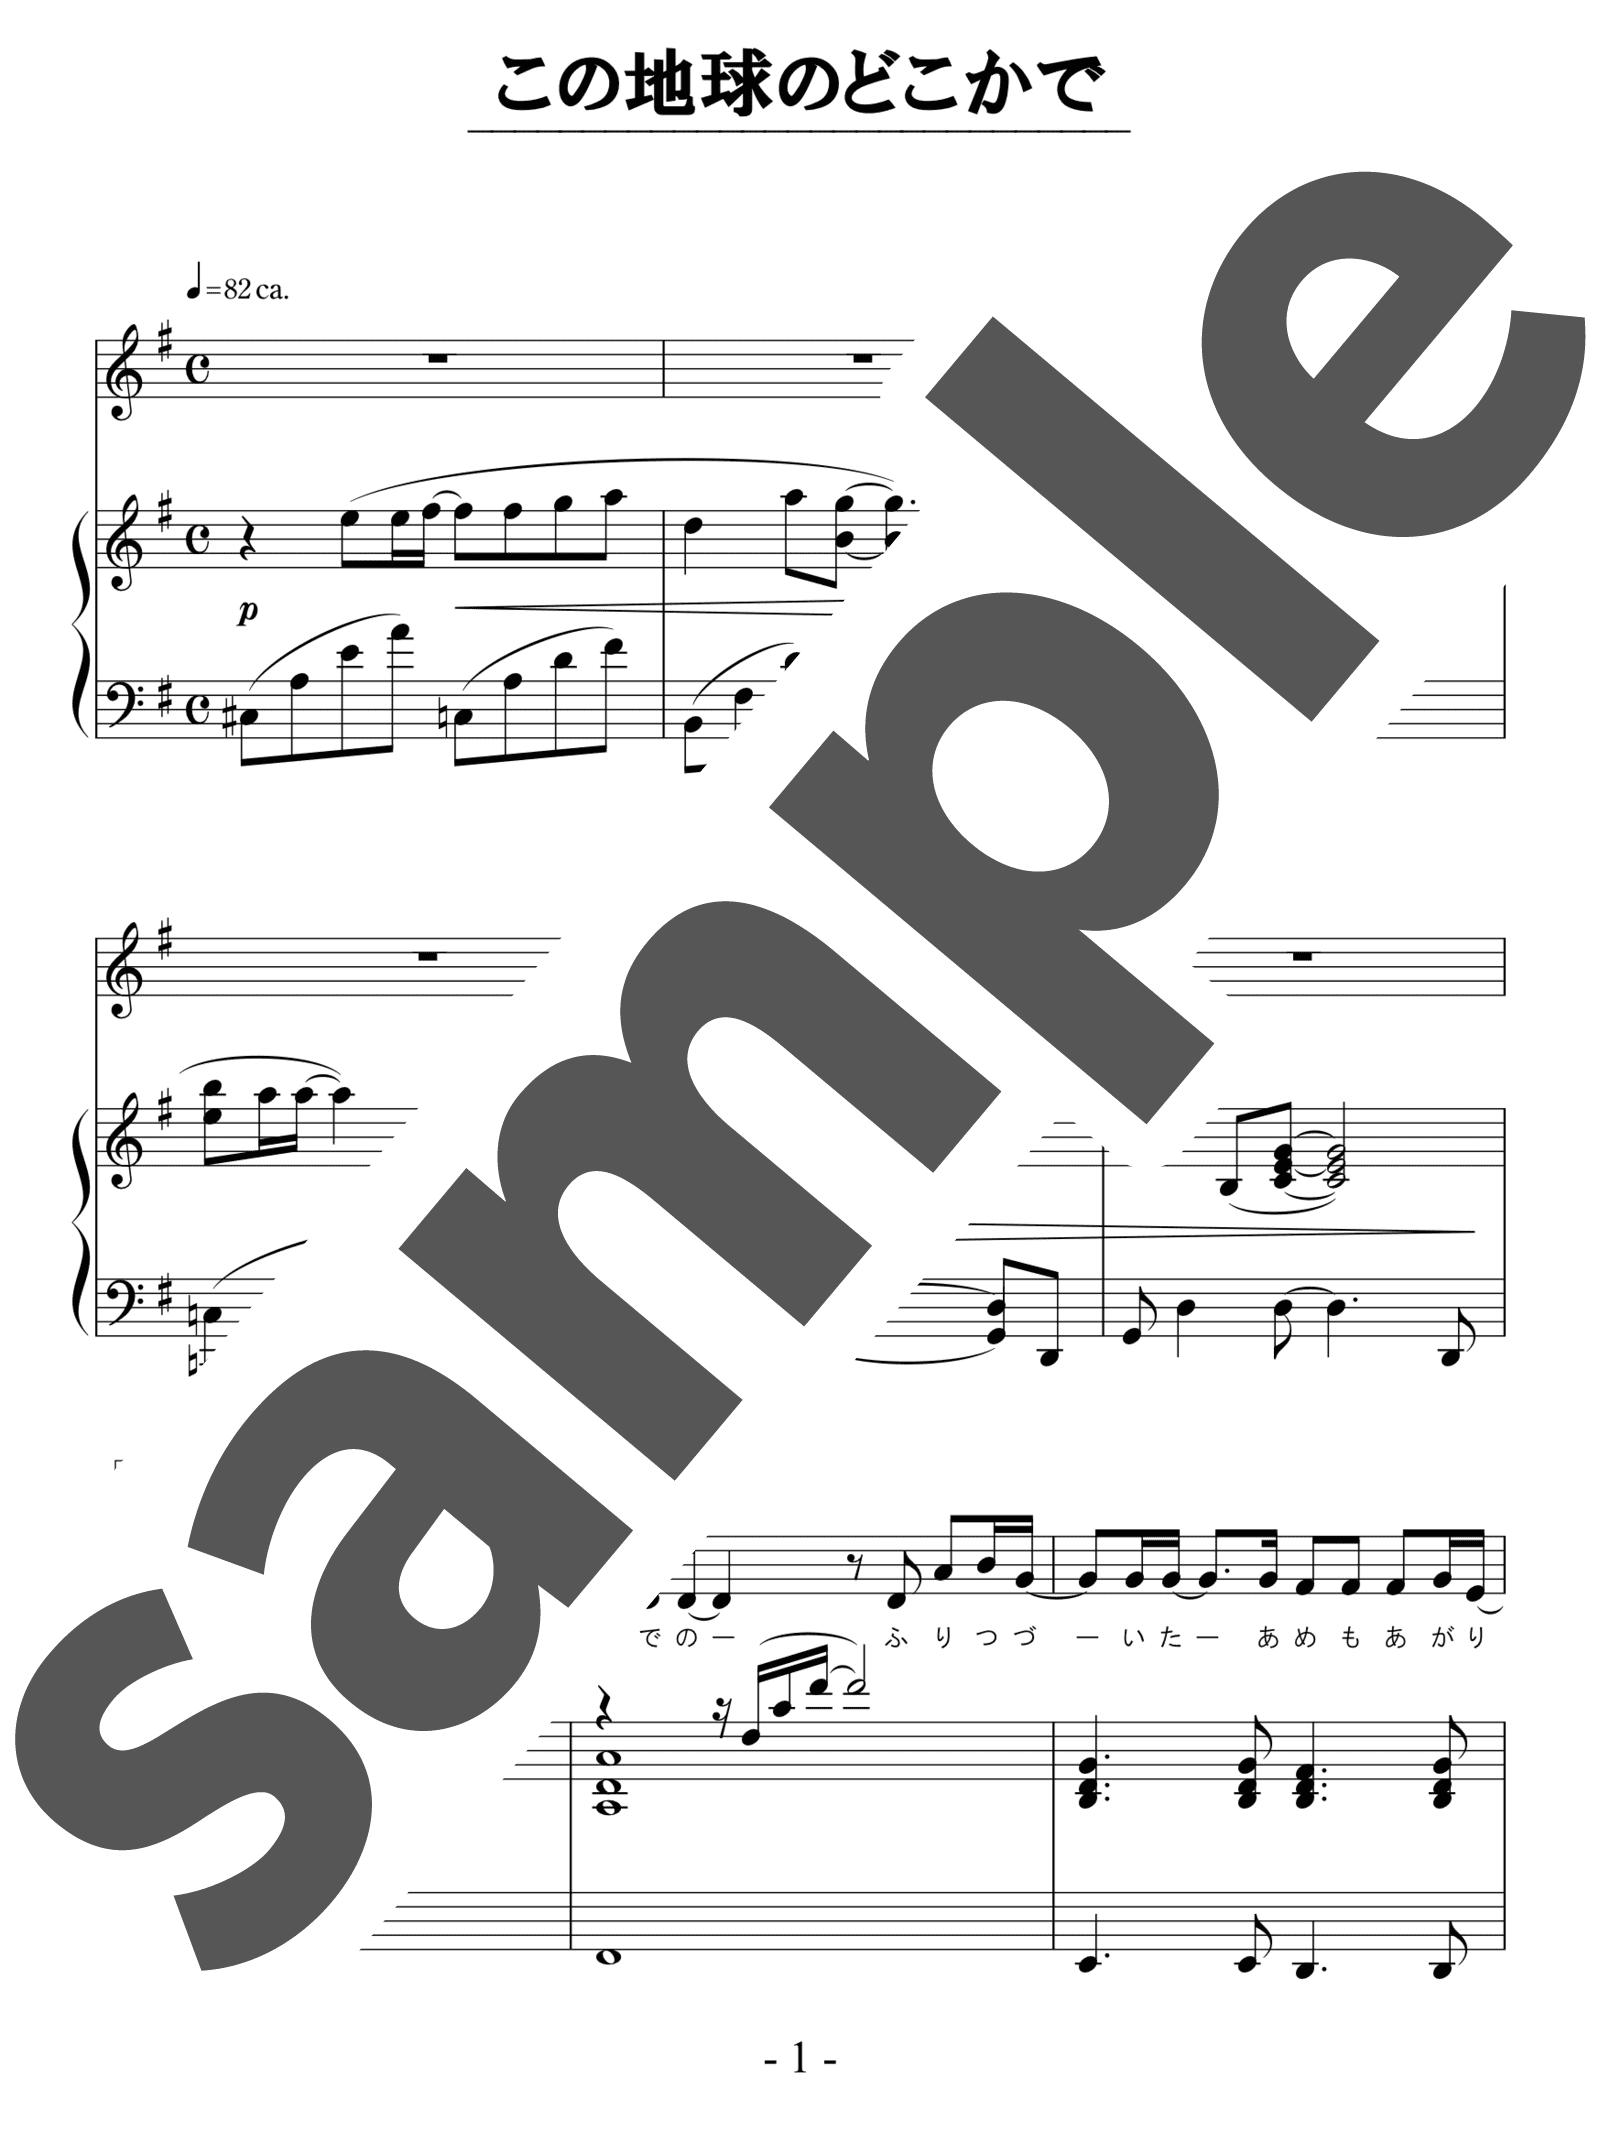 「この地球のどこかで」のサンプル楽譜